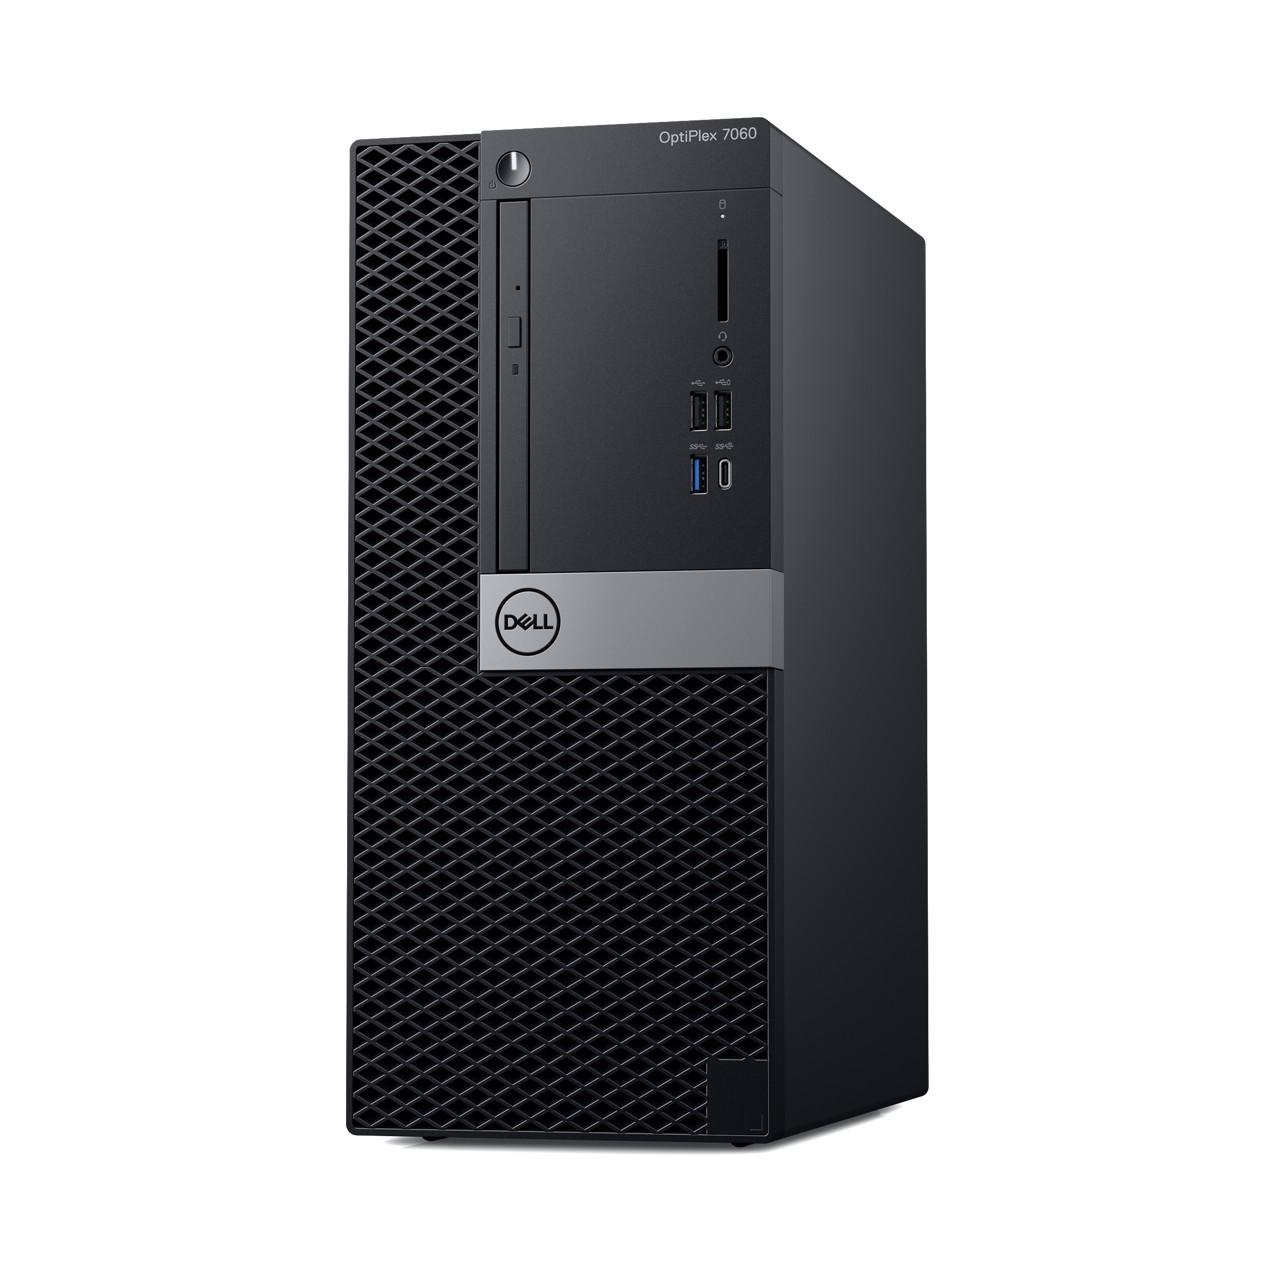 Dell: Neue Optiplex-Systeme in drei Größen und mit Dual-GPUs - Optiplex 7060 Midi-Tower (Bild: Dell)